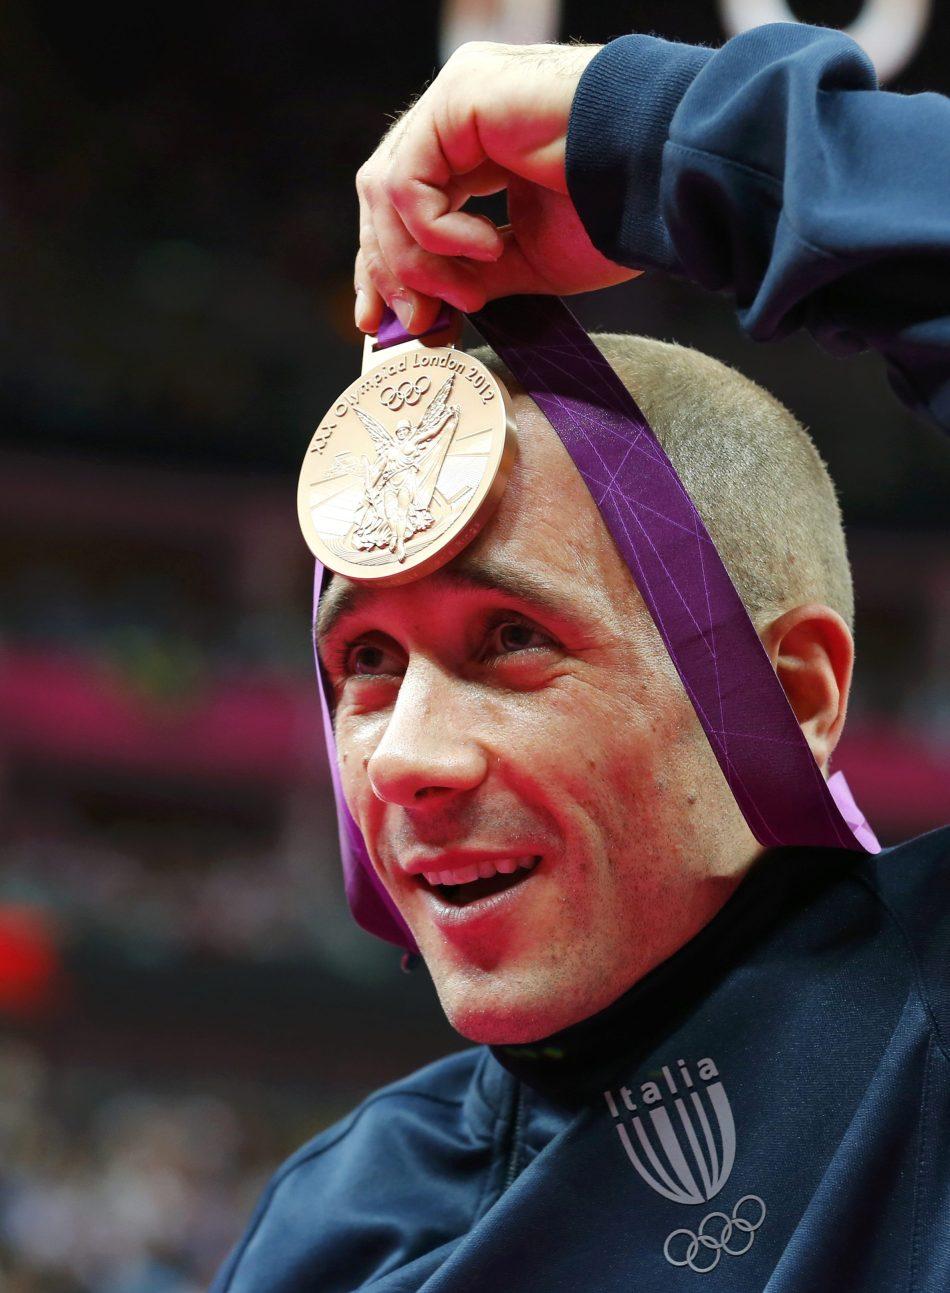 ...∈帜砂屠1444-扎内蒂无缘该项目的冠军,最终获得一枚银牌.